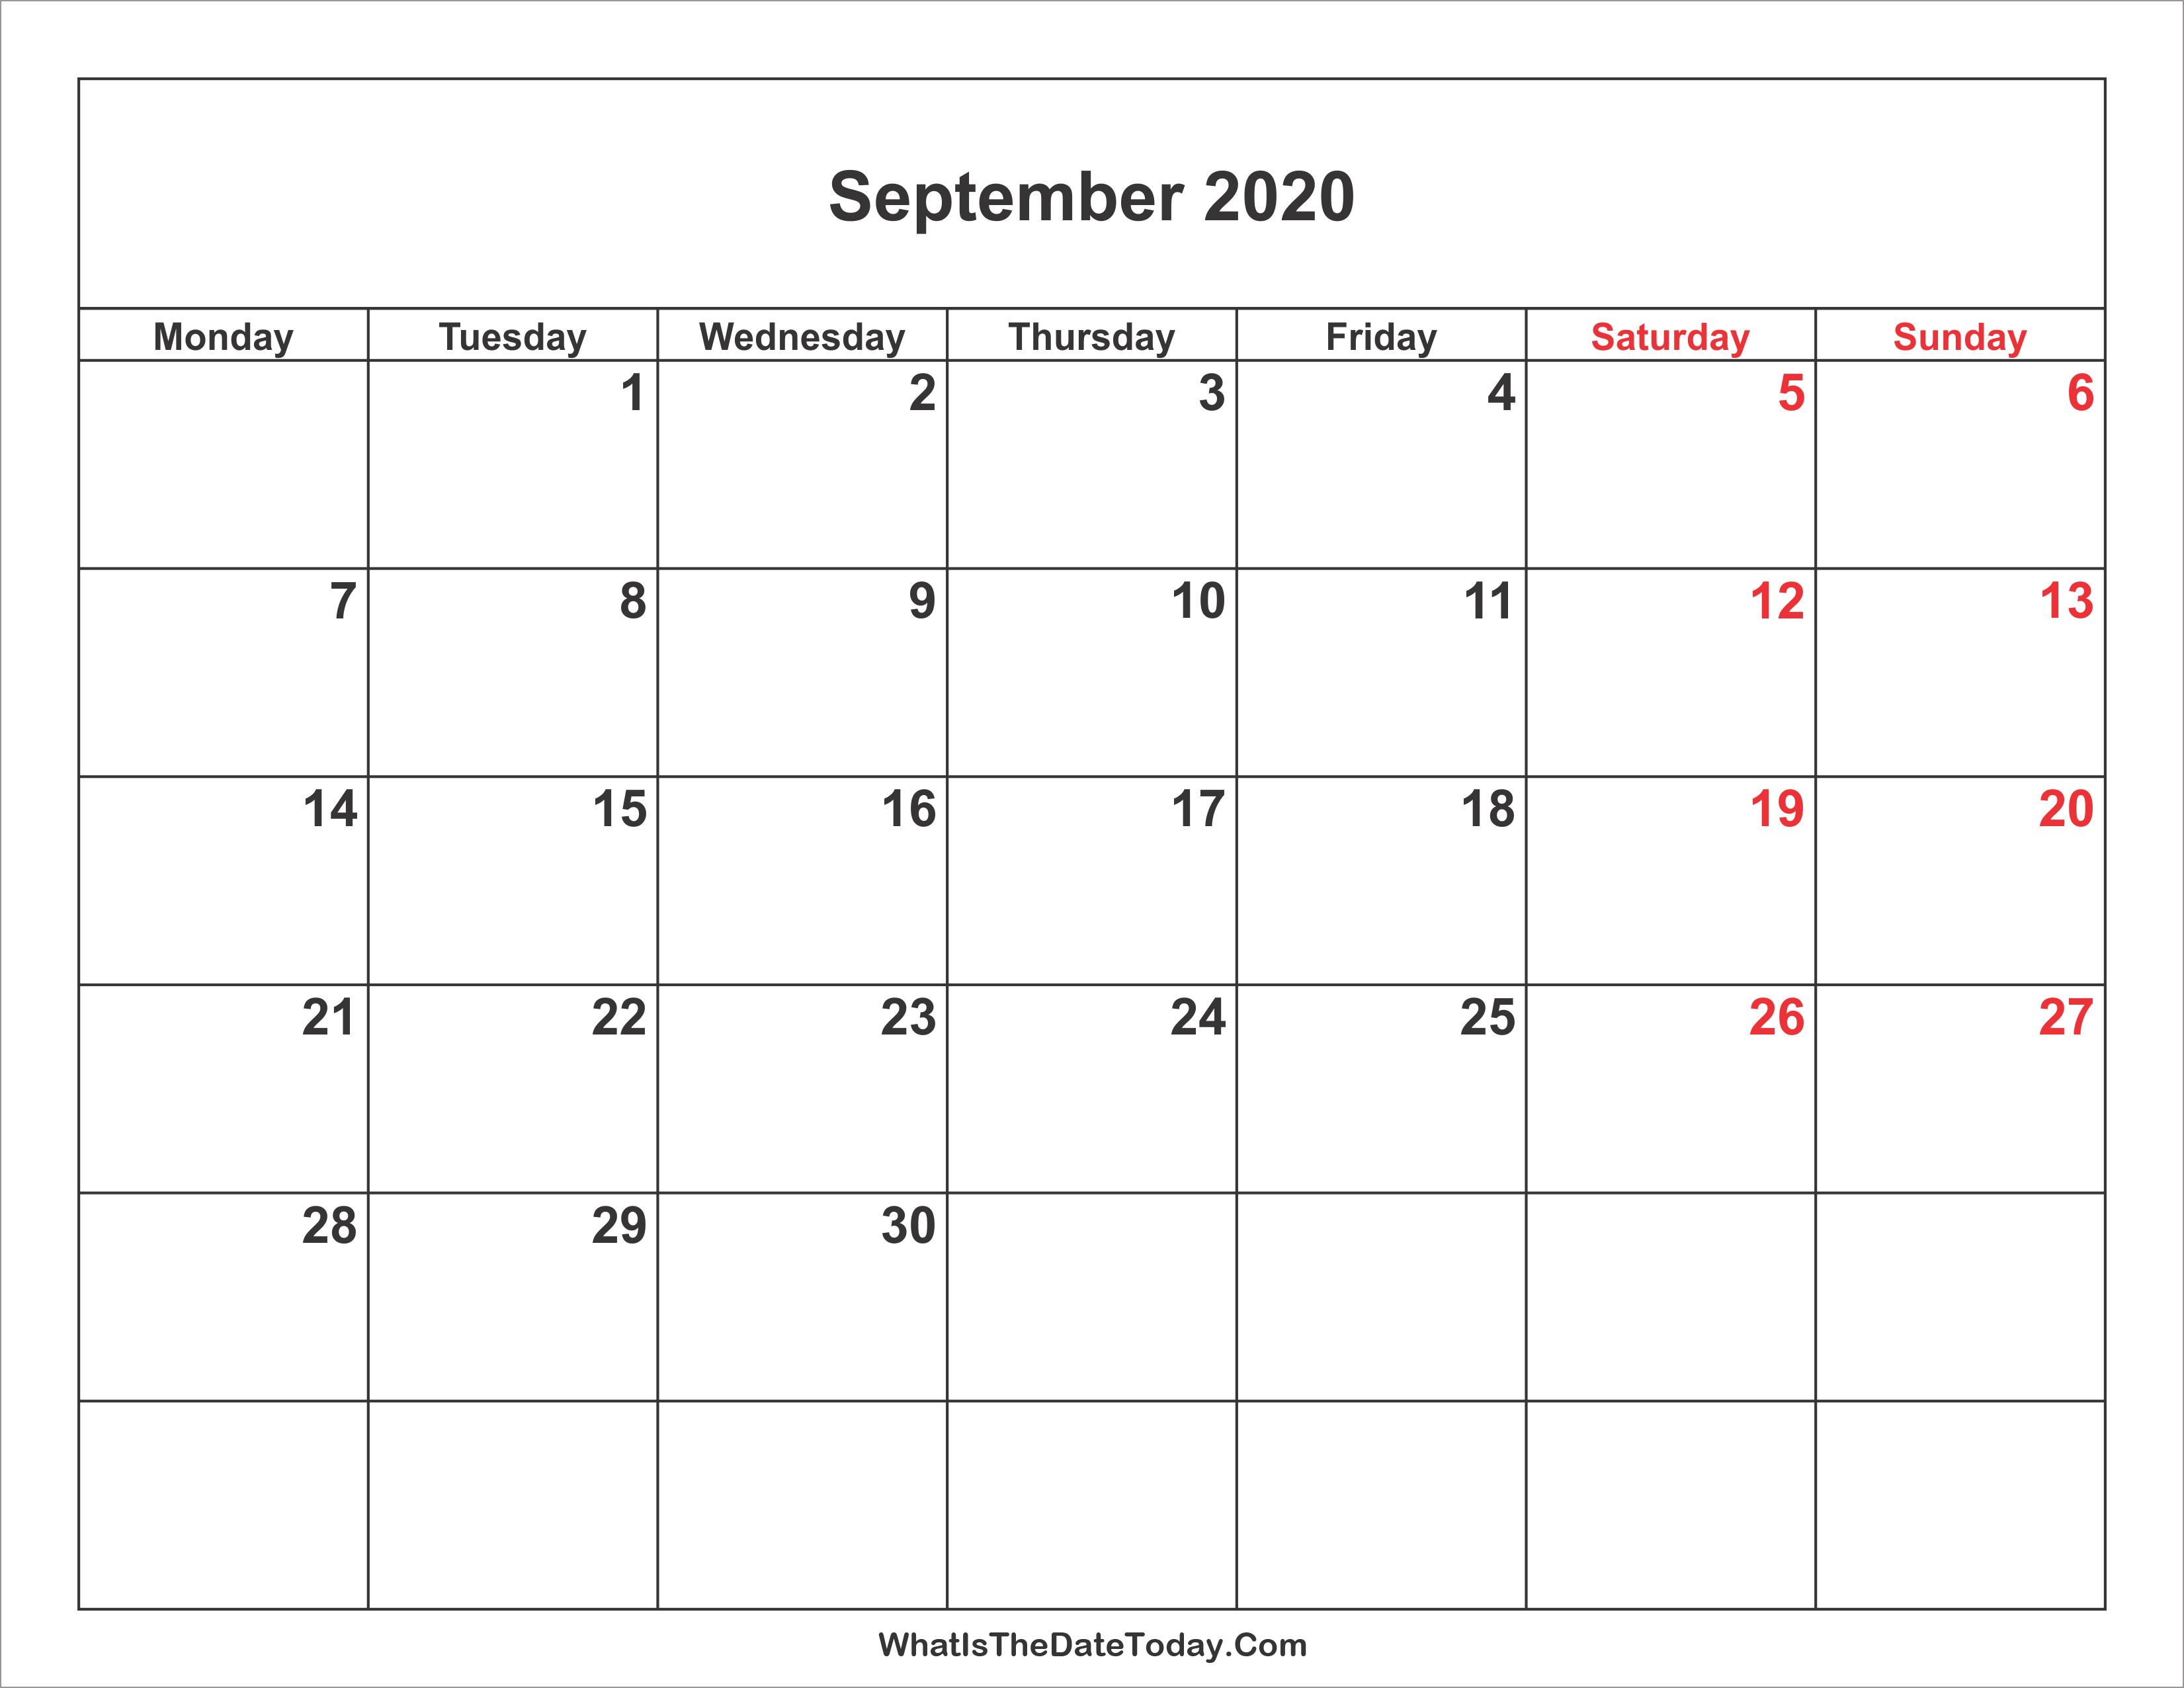 Jewish Calendar September 2020 September 2020 Calendar with Weekend Highlight